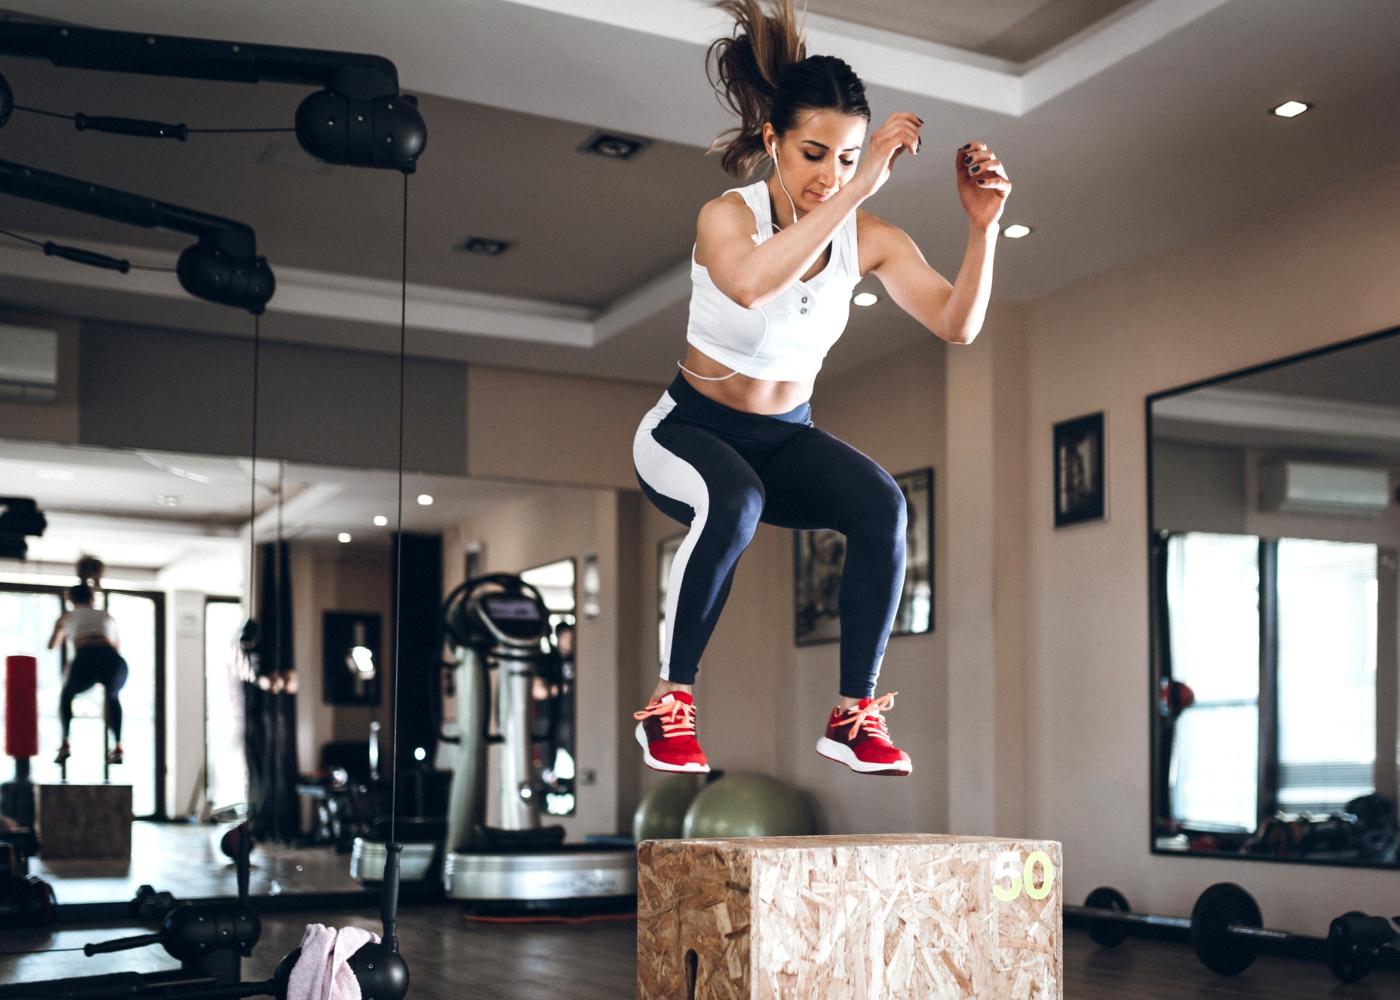 Mulher a saltar para uma Box no ginásio